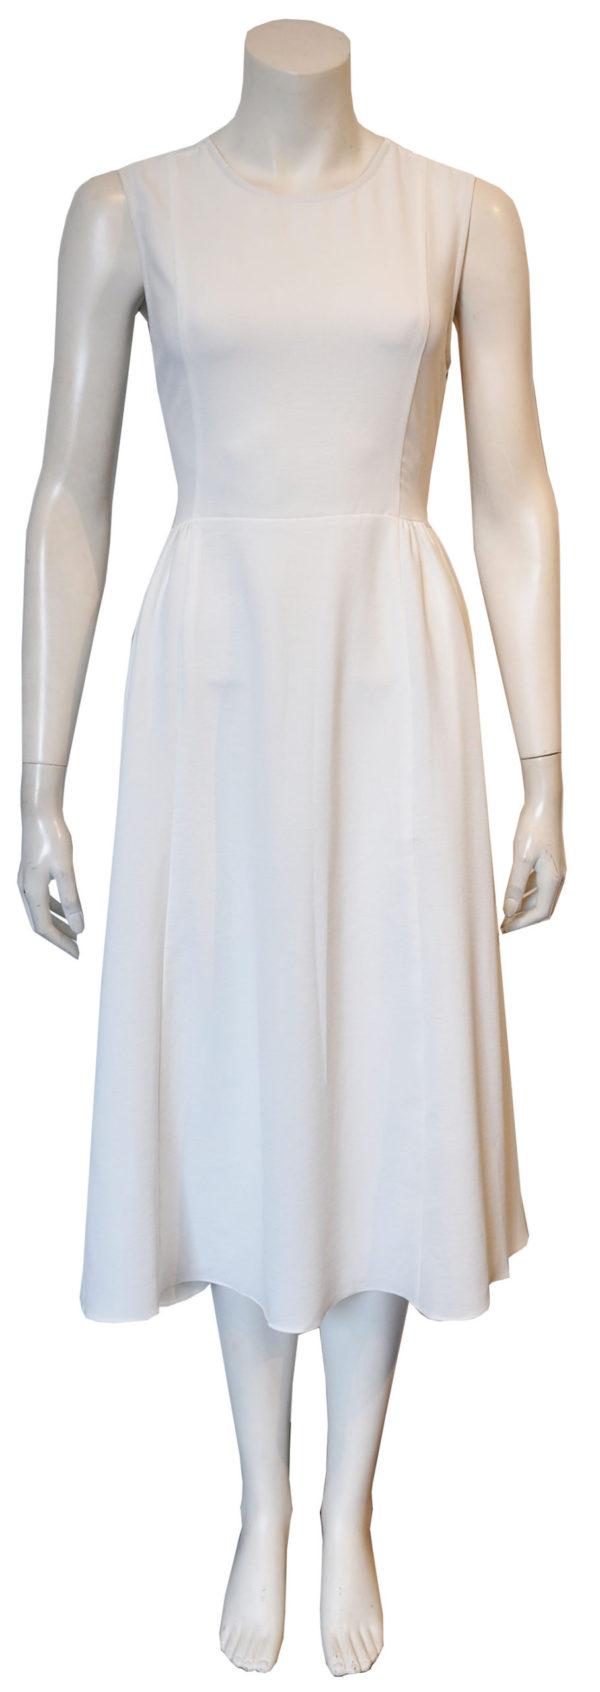 white cross back dress- front